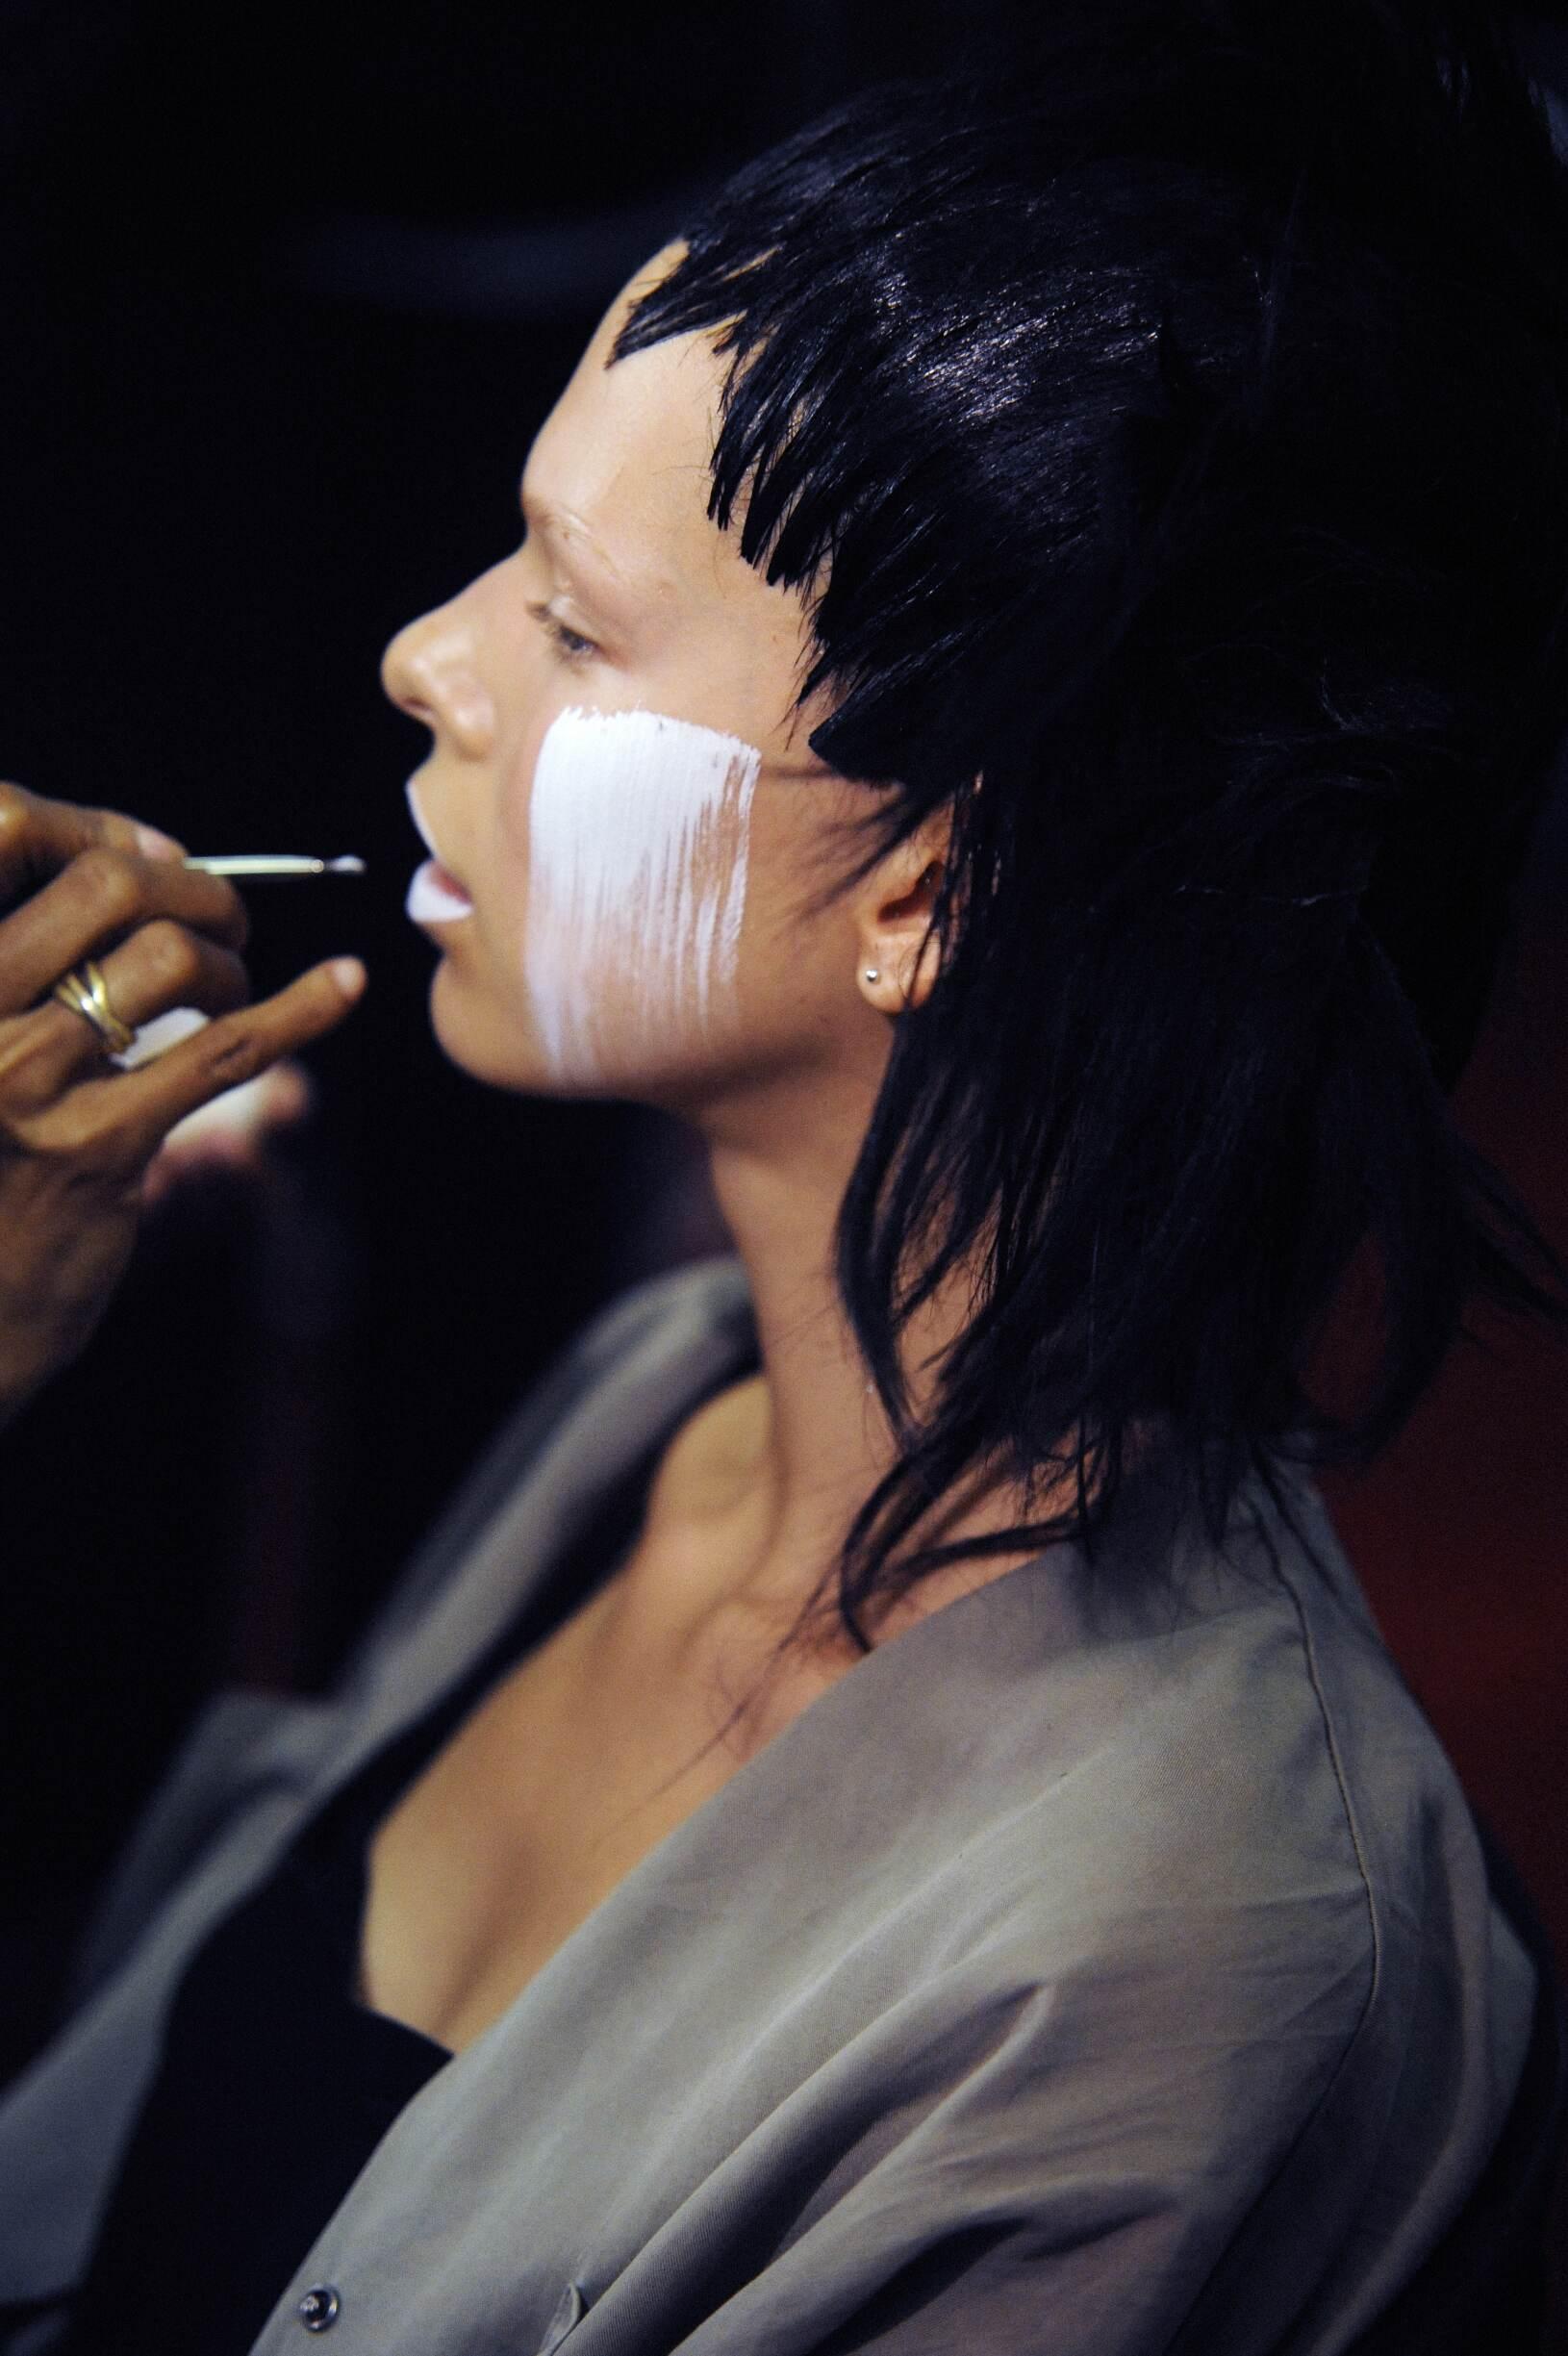 Yohji Yamamoto Backstage Fashion Model Make Up